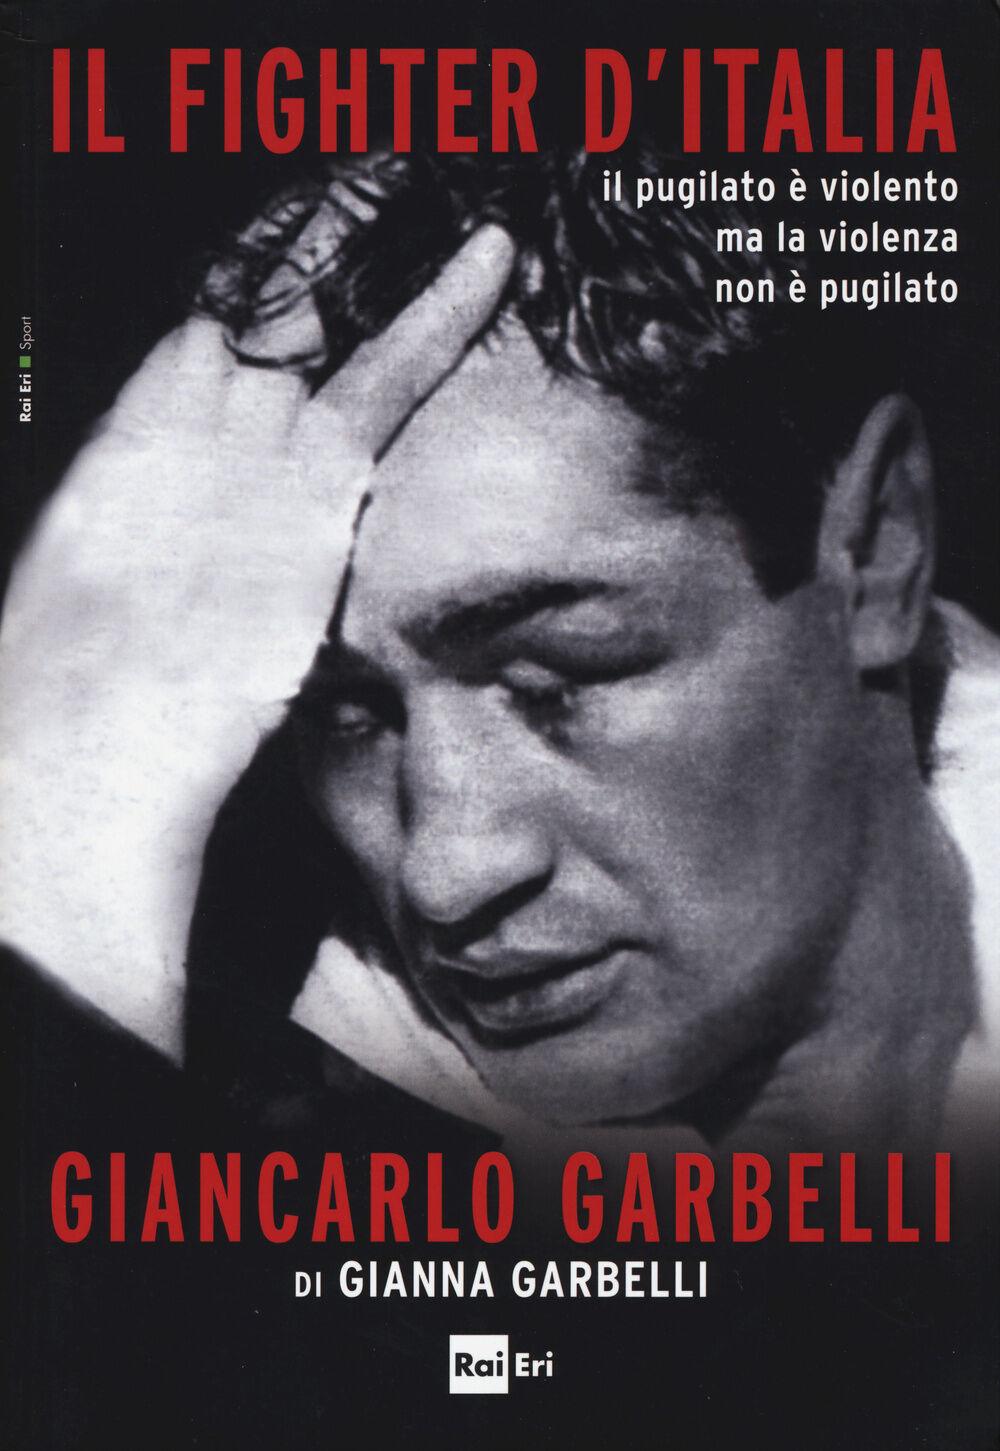 Il fighter d'Italia Giancarlo Garbelli. Il pugilato è violento ma la violenza non è il pugilato